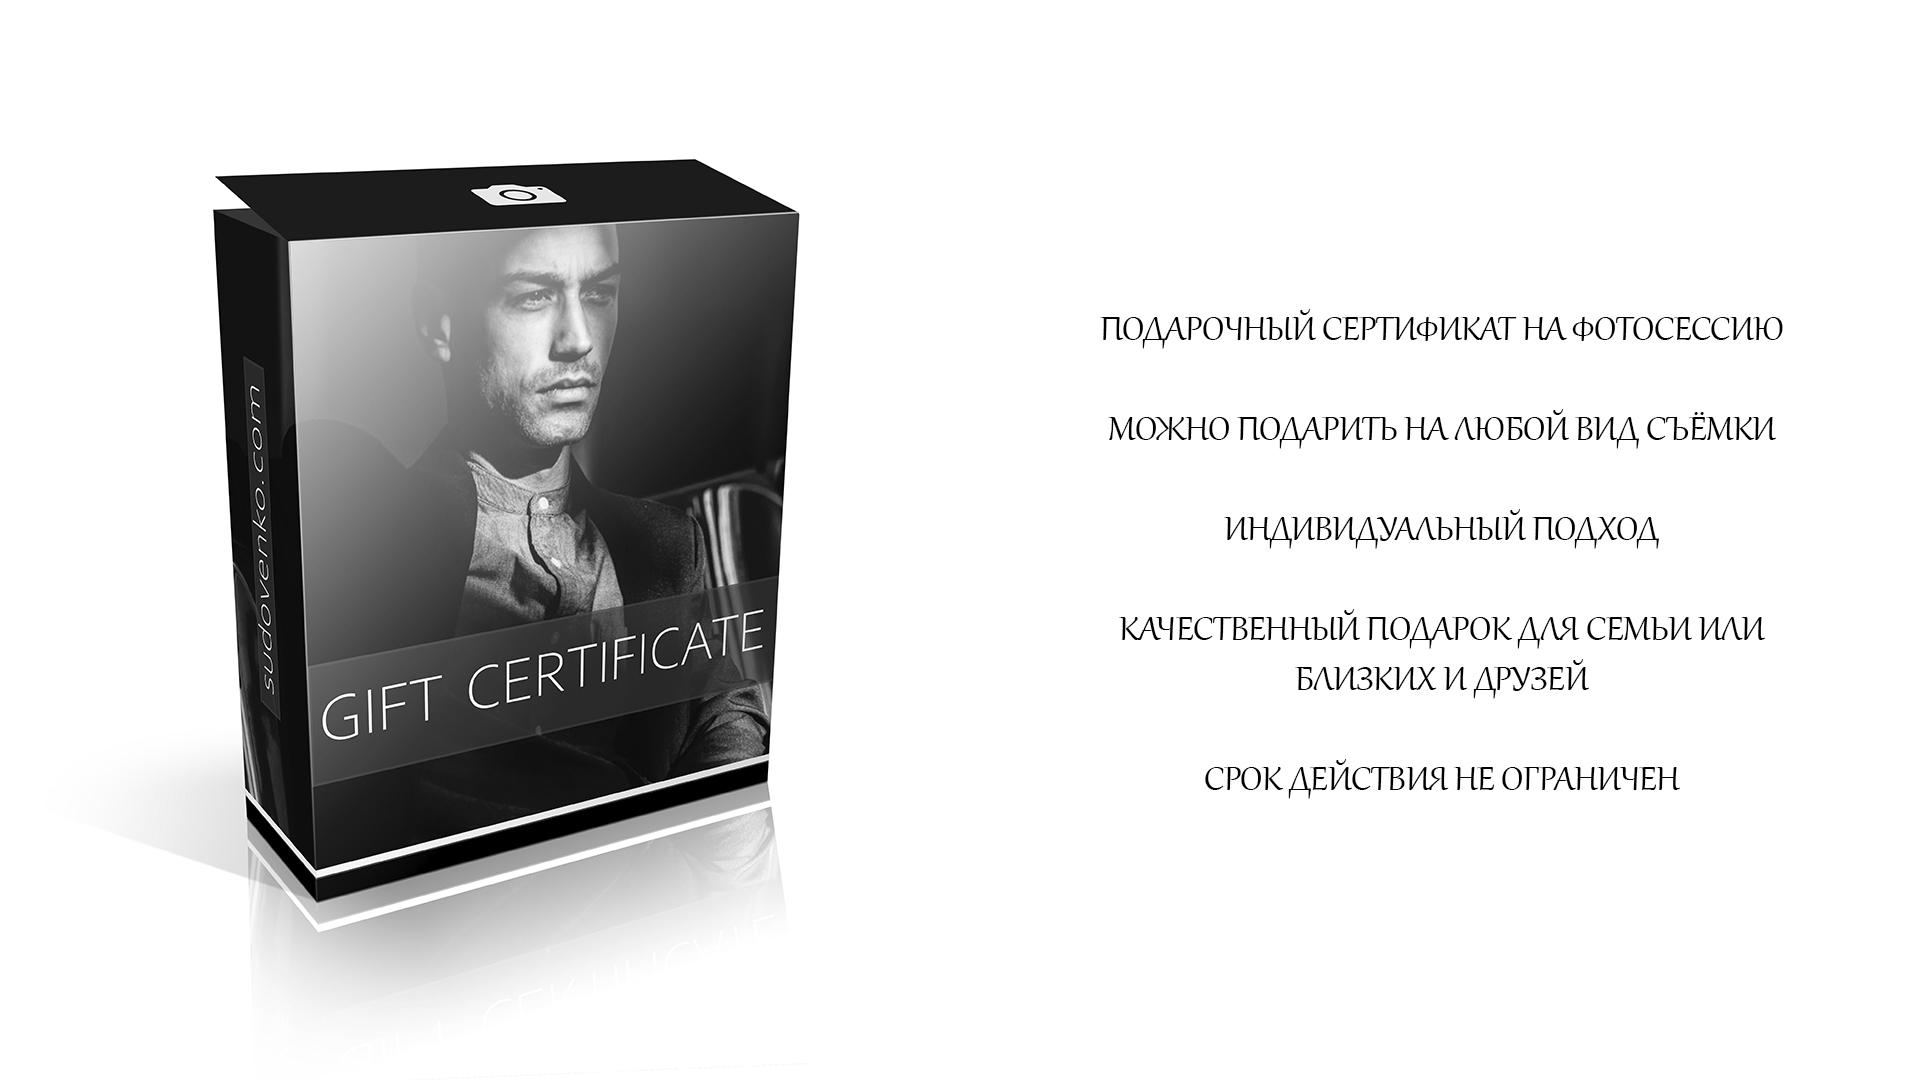 """Пакет услуг """"Подарочный сертификат"""""""